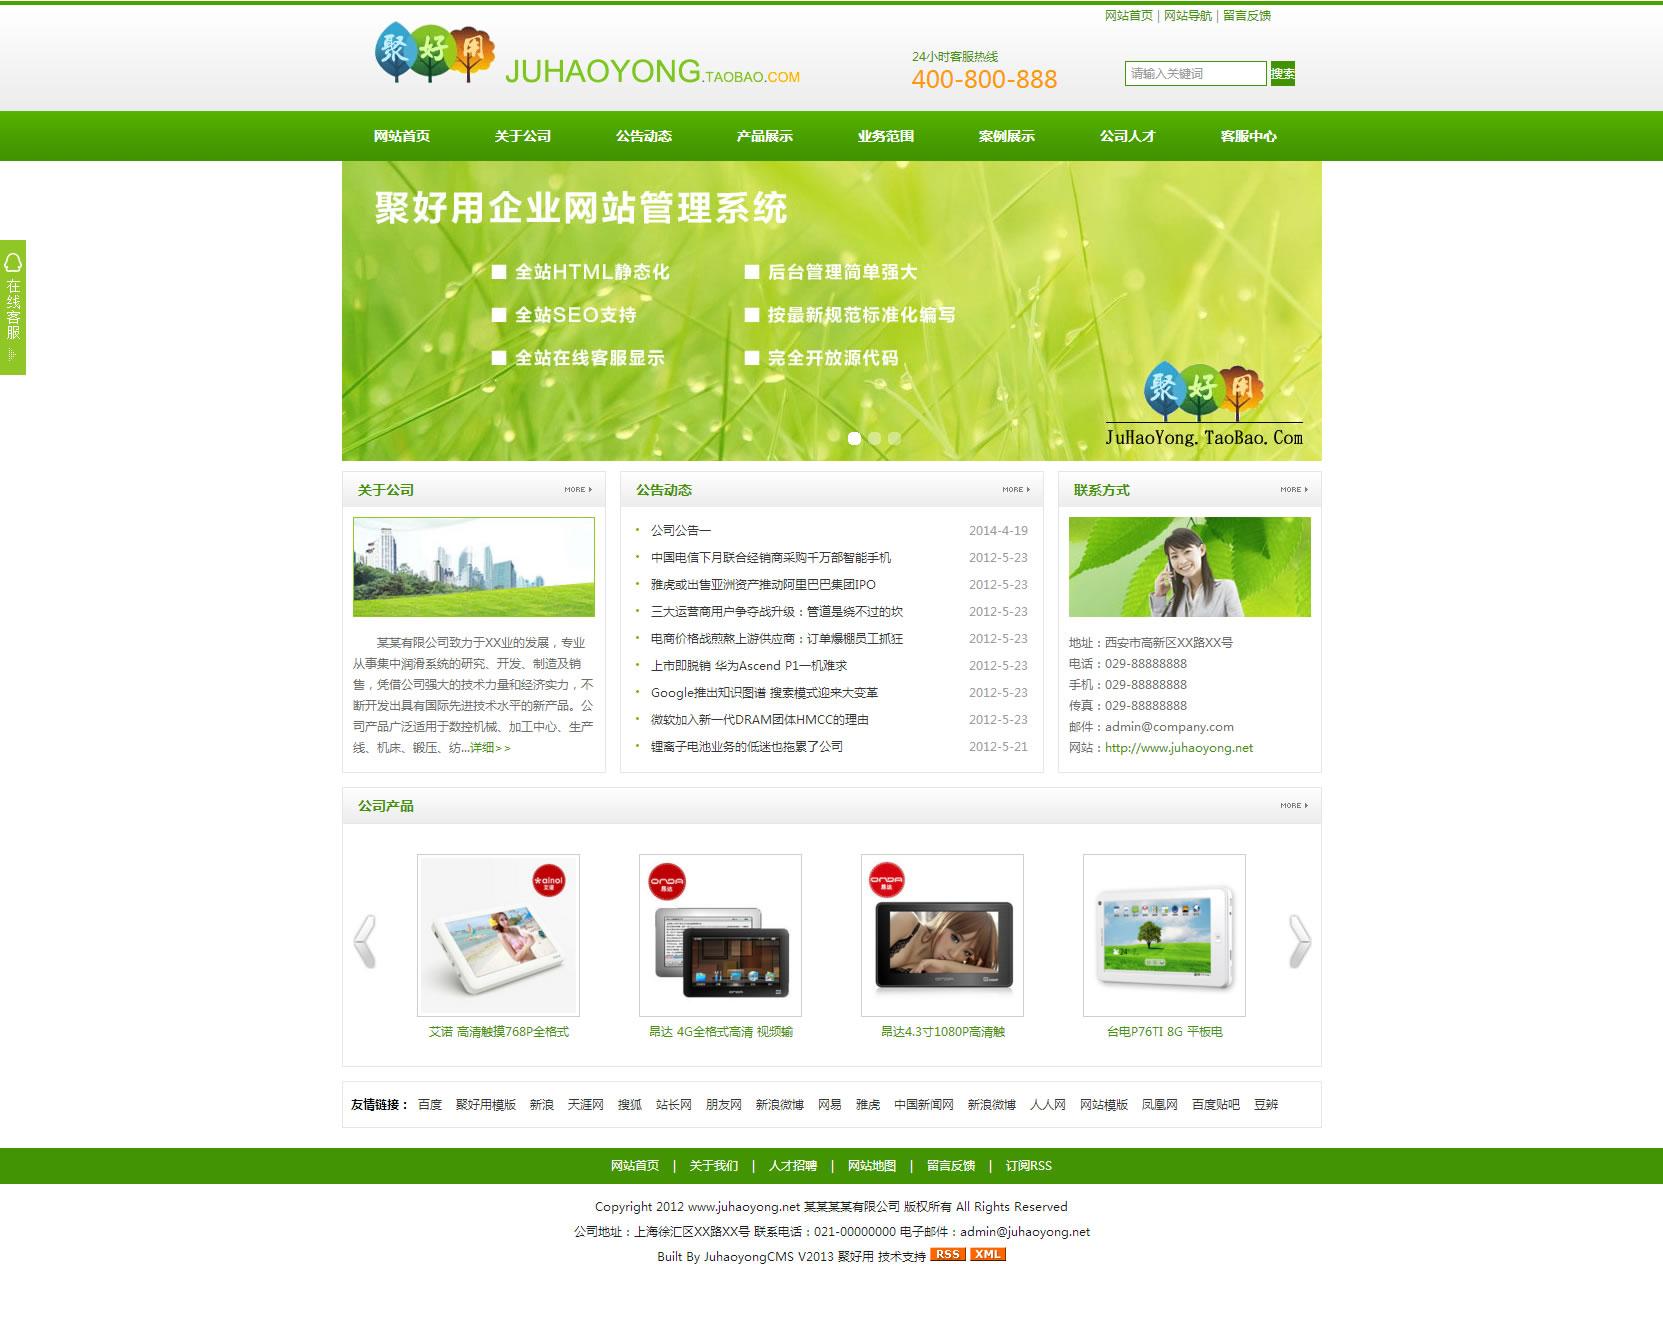 绿色精品企业网站模板asp源码 生成静态html整站带后台seo模板